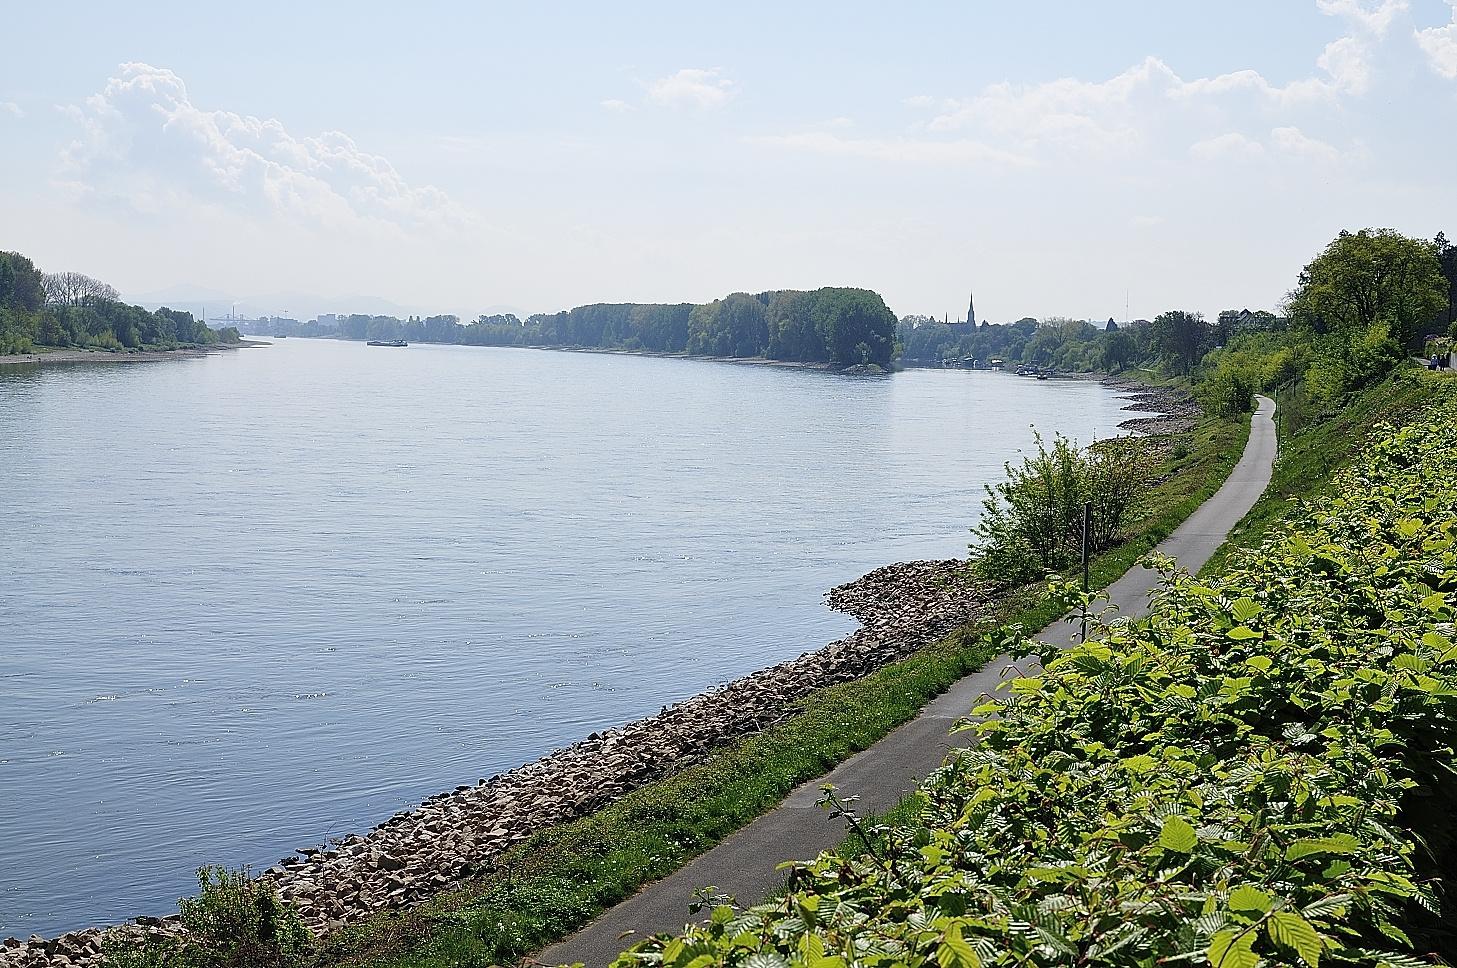 Rhein zwischen Wesseling und Bonn